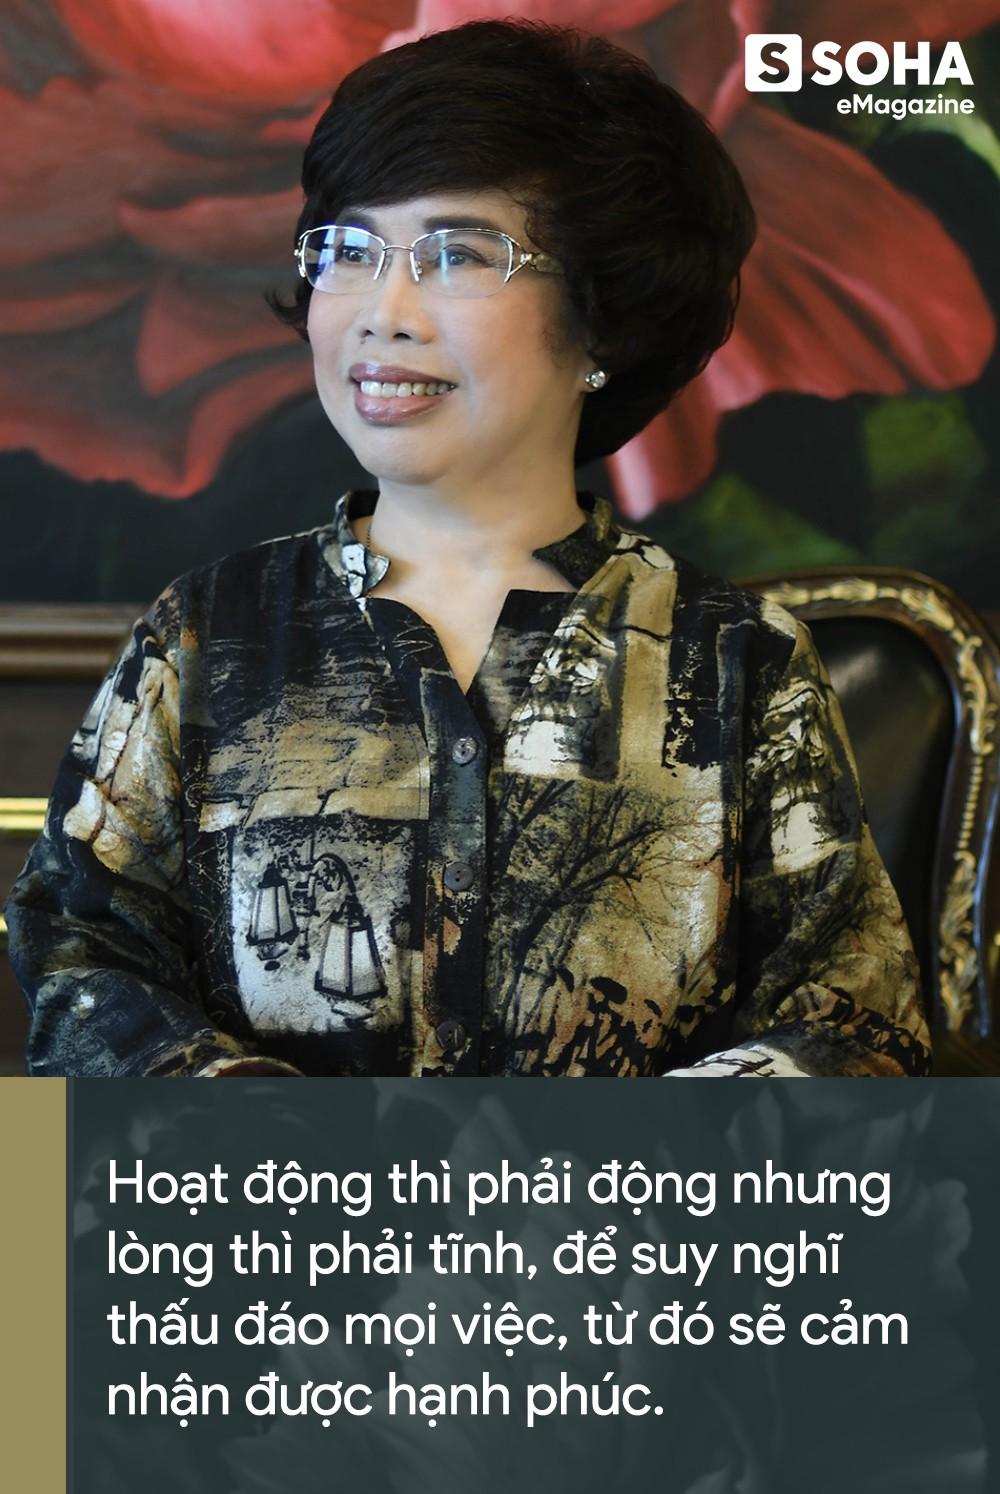 Doanh nhân Thái Hương tiết lộ dược thư chăm sóc sức khỏe và bí quyết để năng động hiếm ai theo kịp - Ảnh 13.